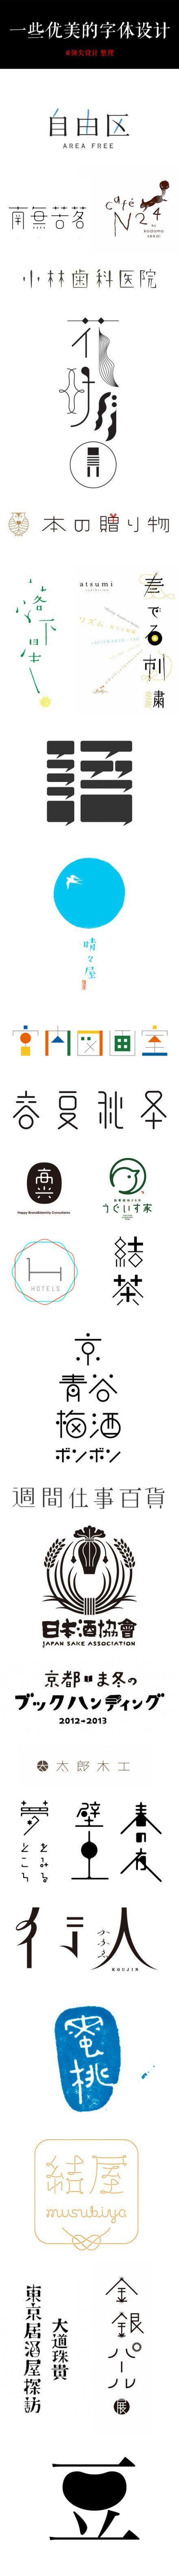 一些优美的字体设计